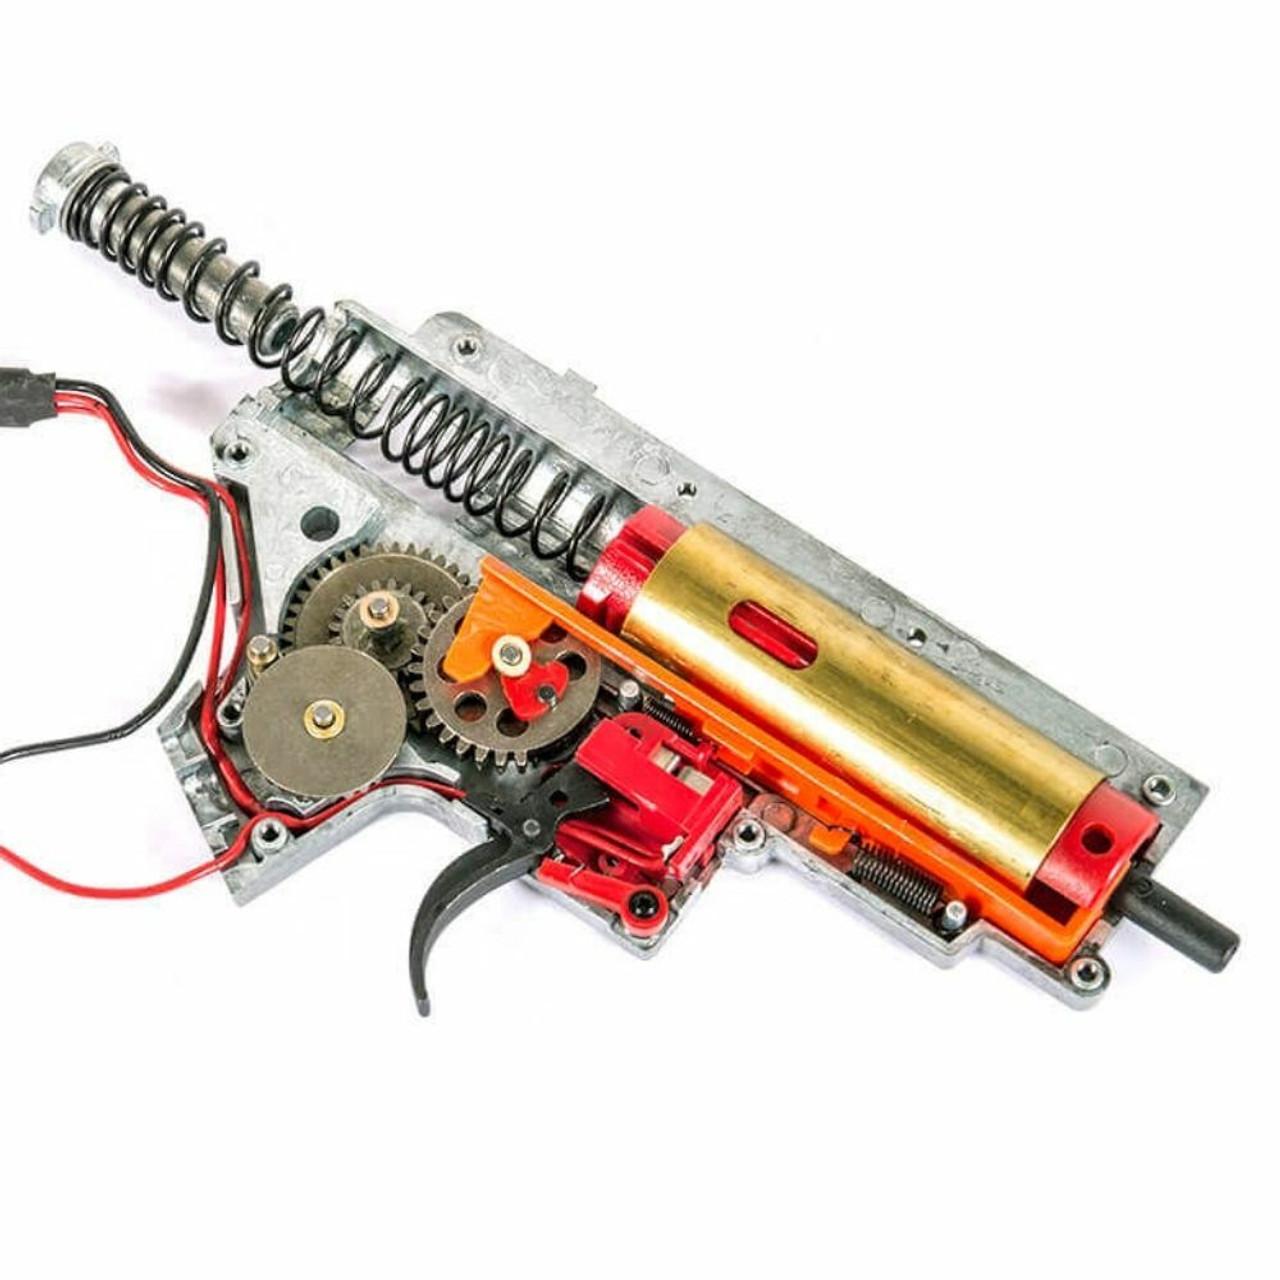 Airsoft Gun Internal Components